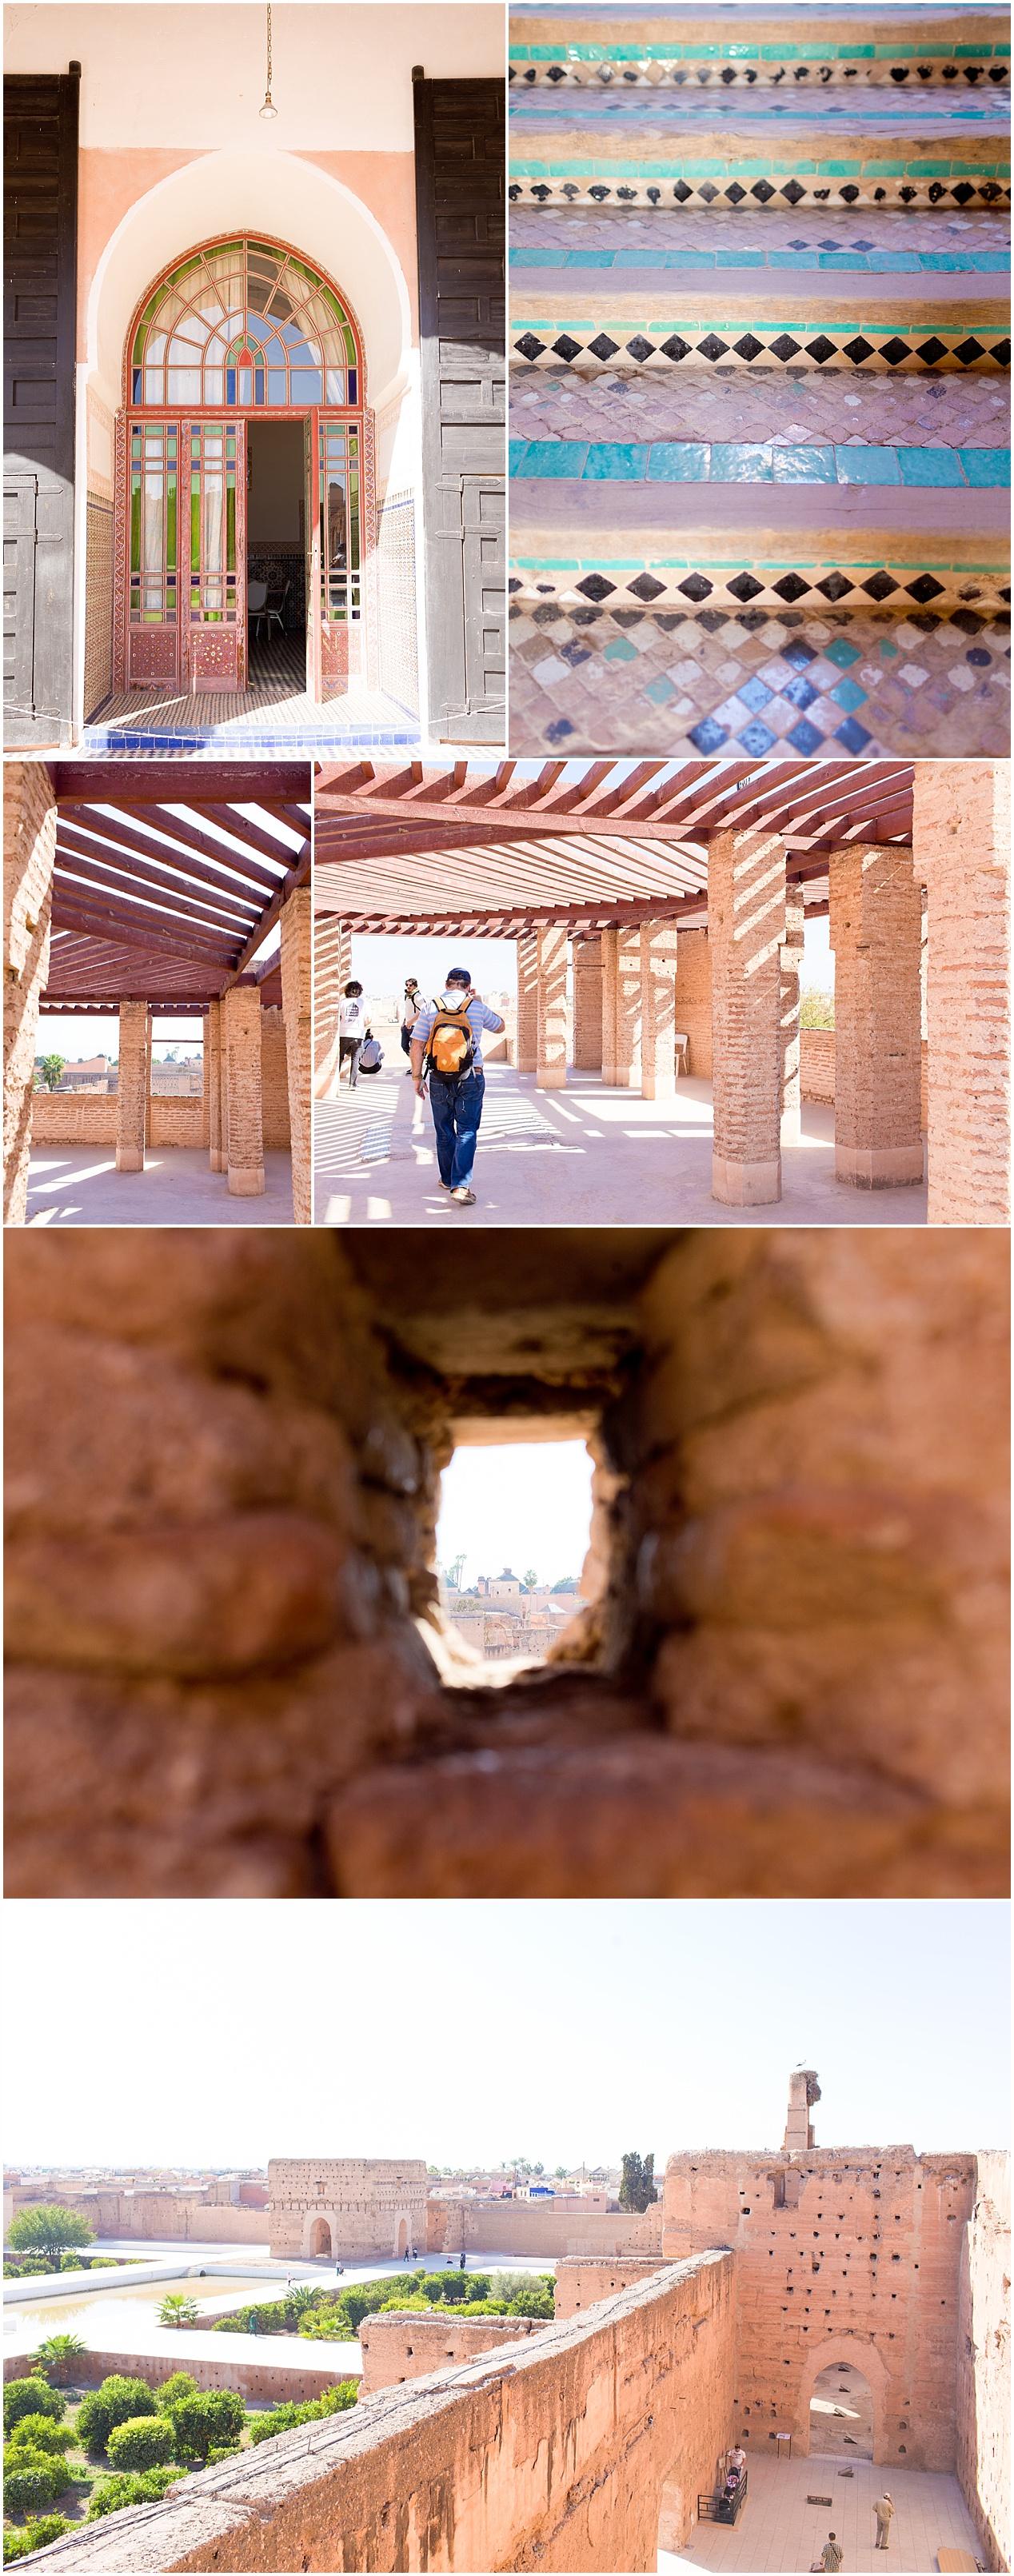 vista at Badi Palace, Marrakech, Morocco